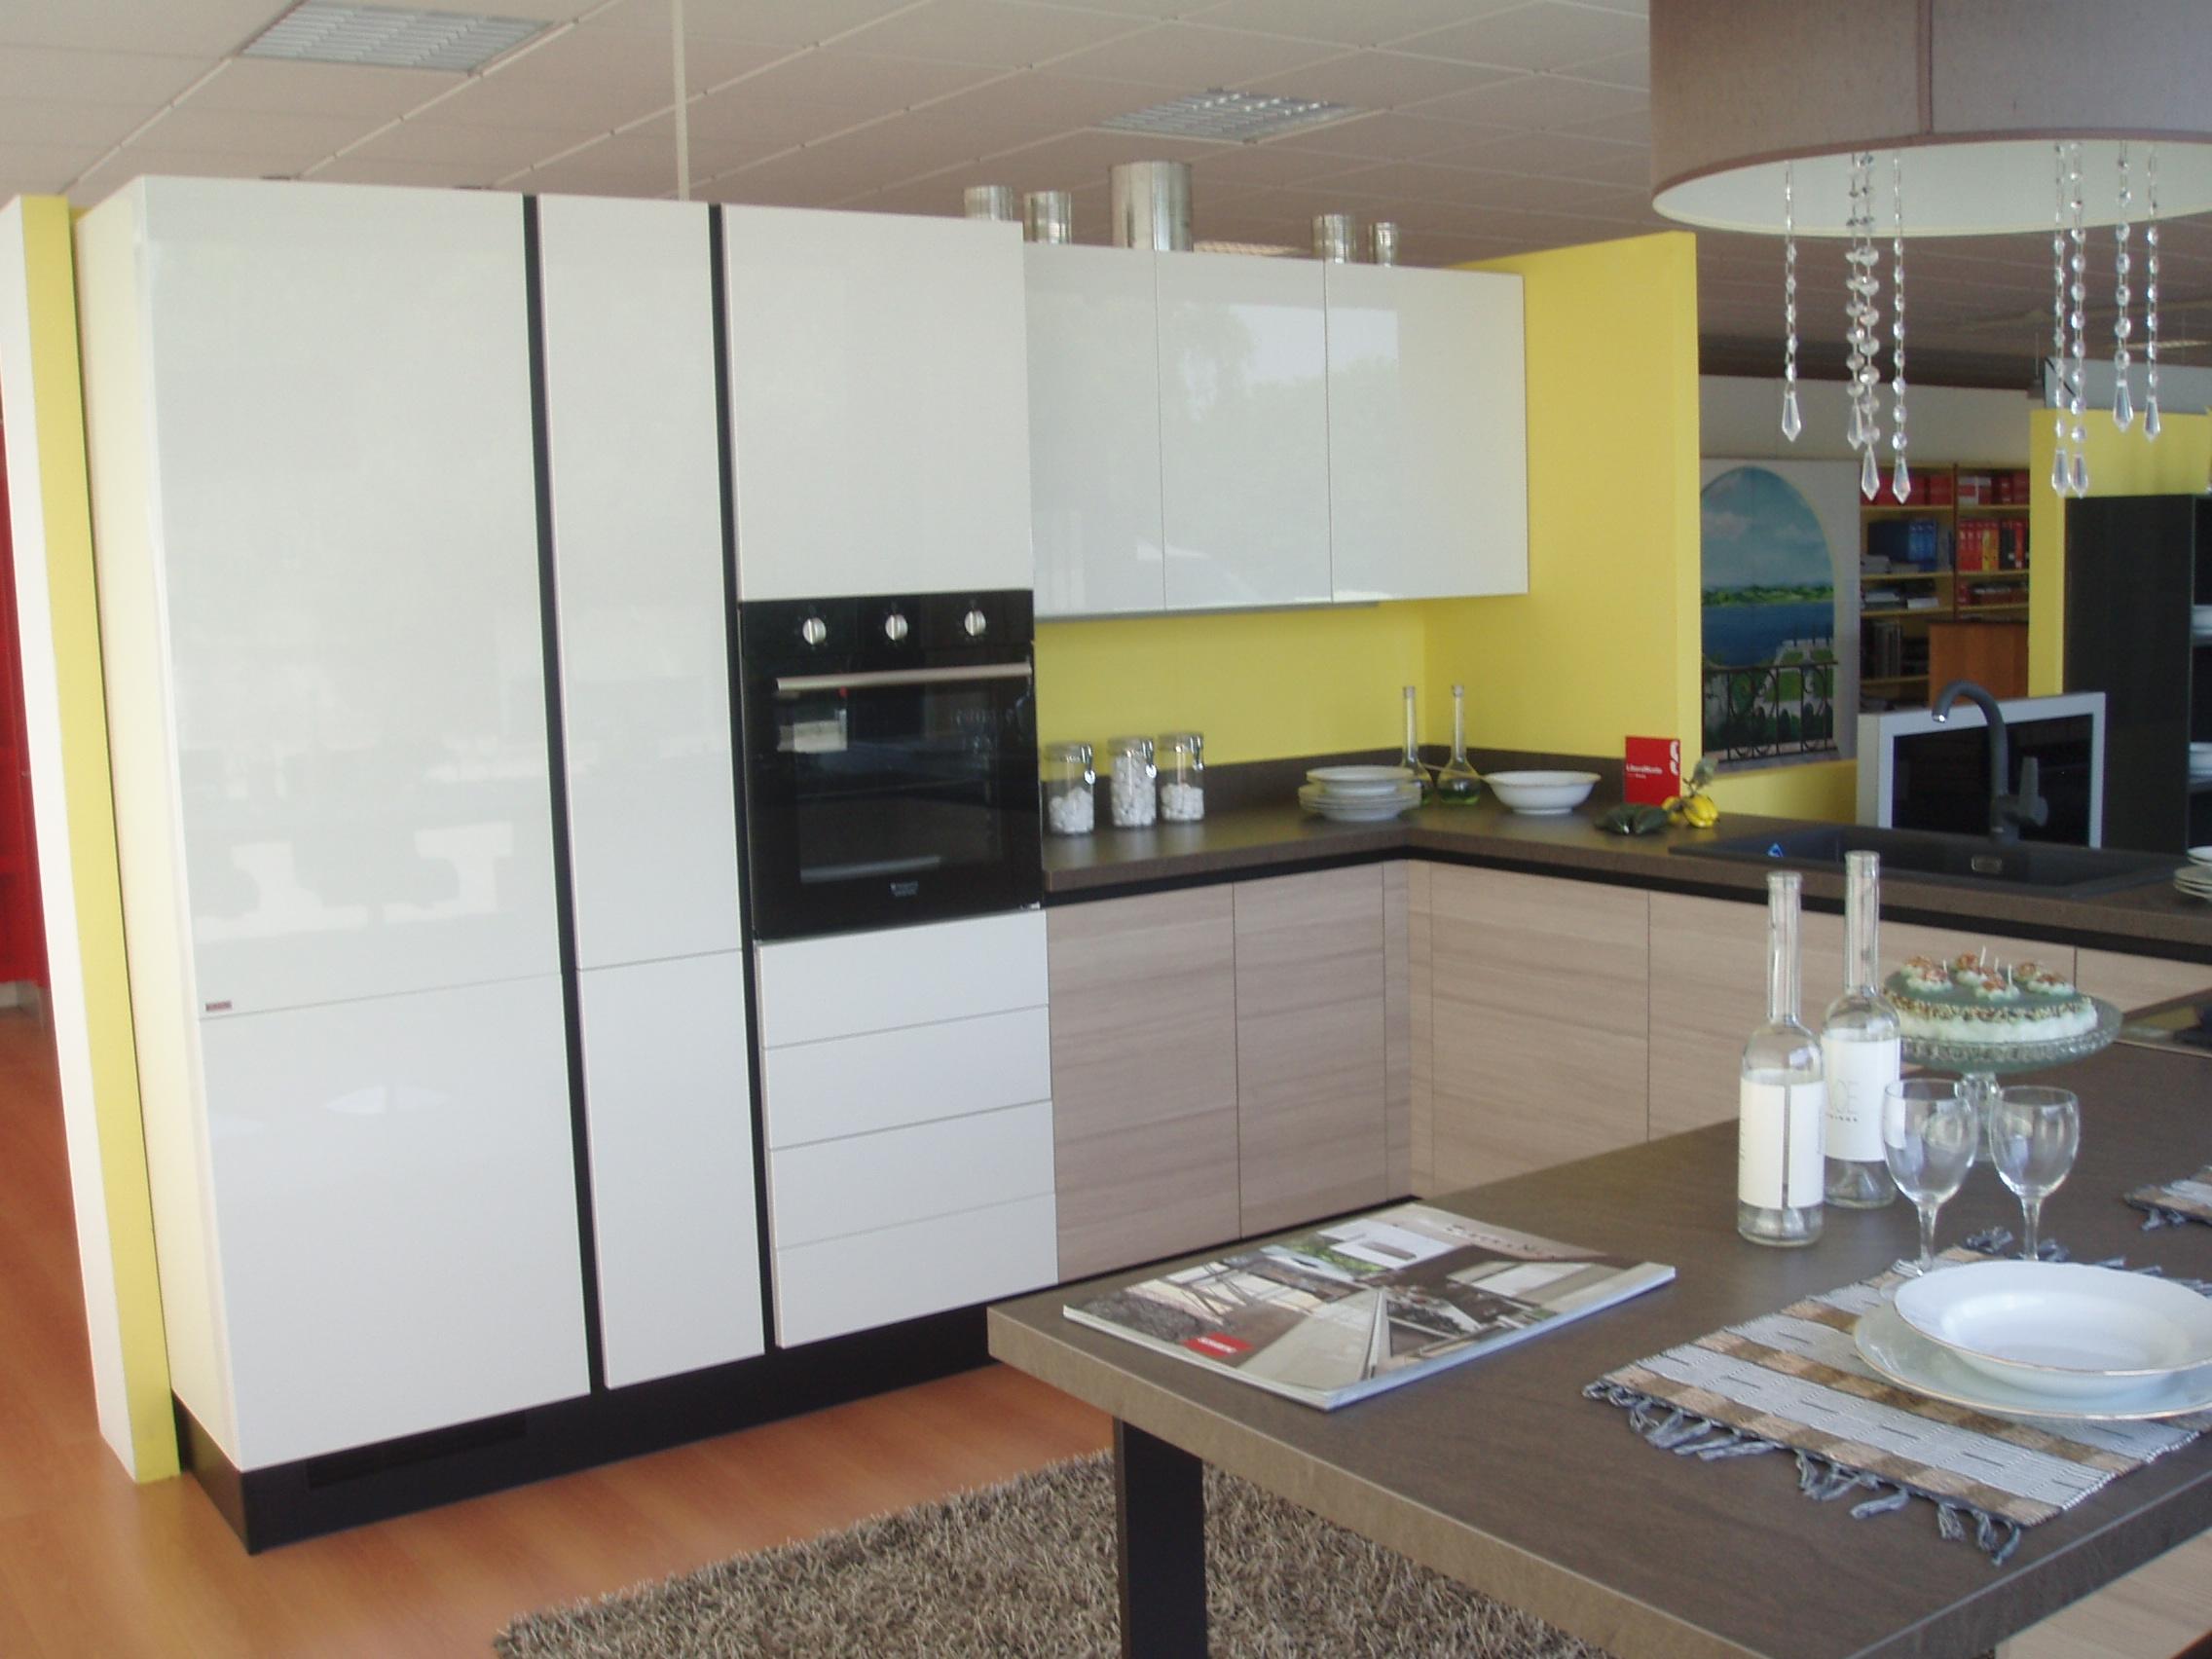 Cucina Moderna In Laccato Bianco Lucido Con Inserti In Grigio E Piano ...